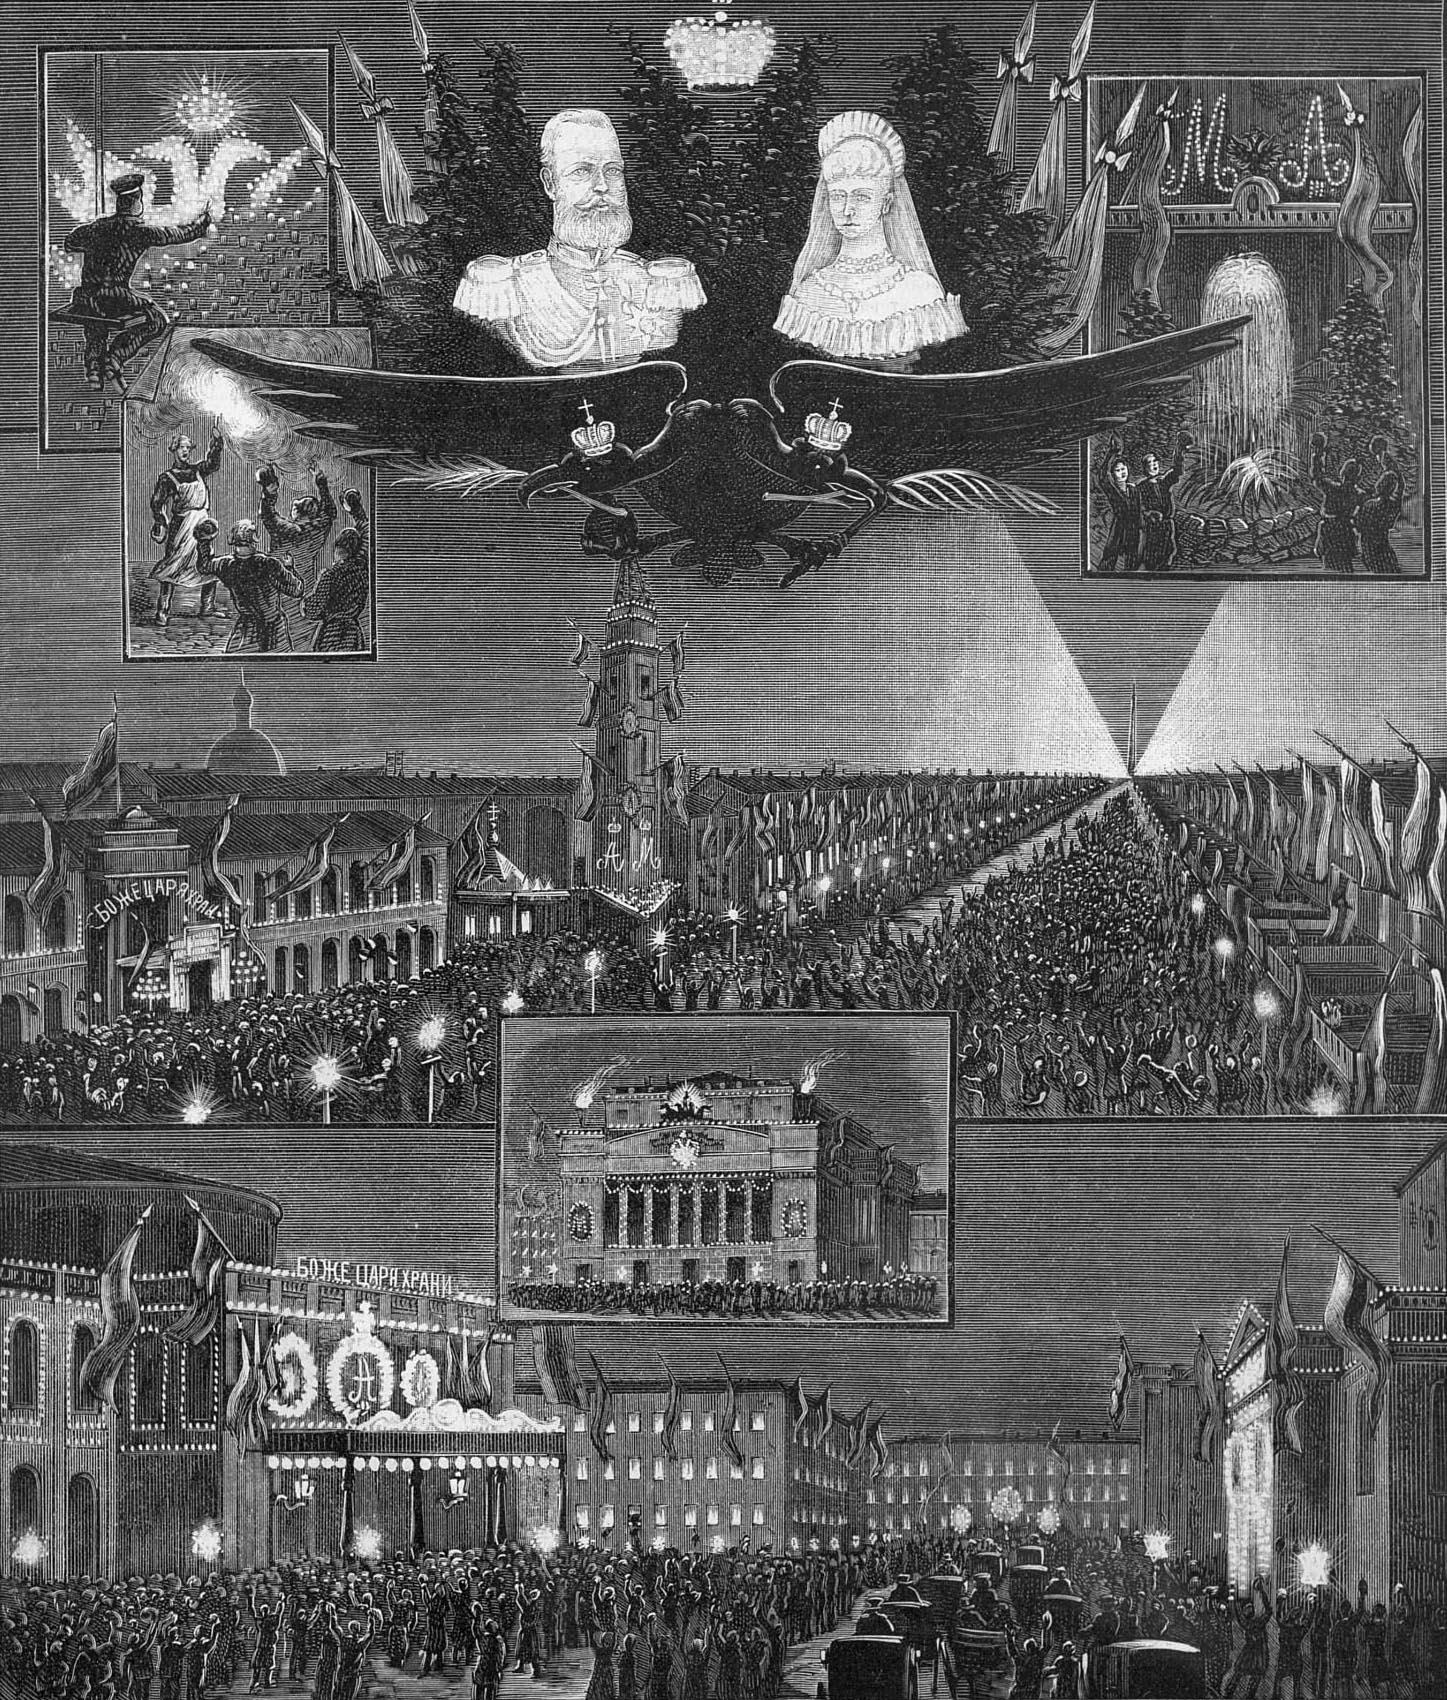 Петербург в дни коронации Александра III